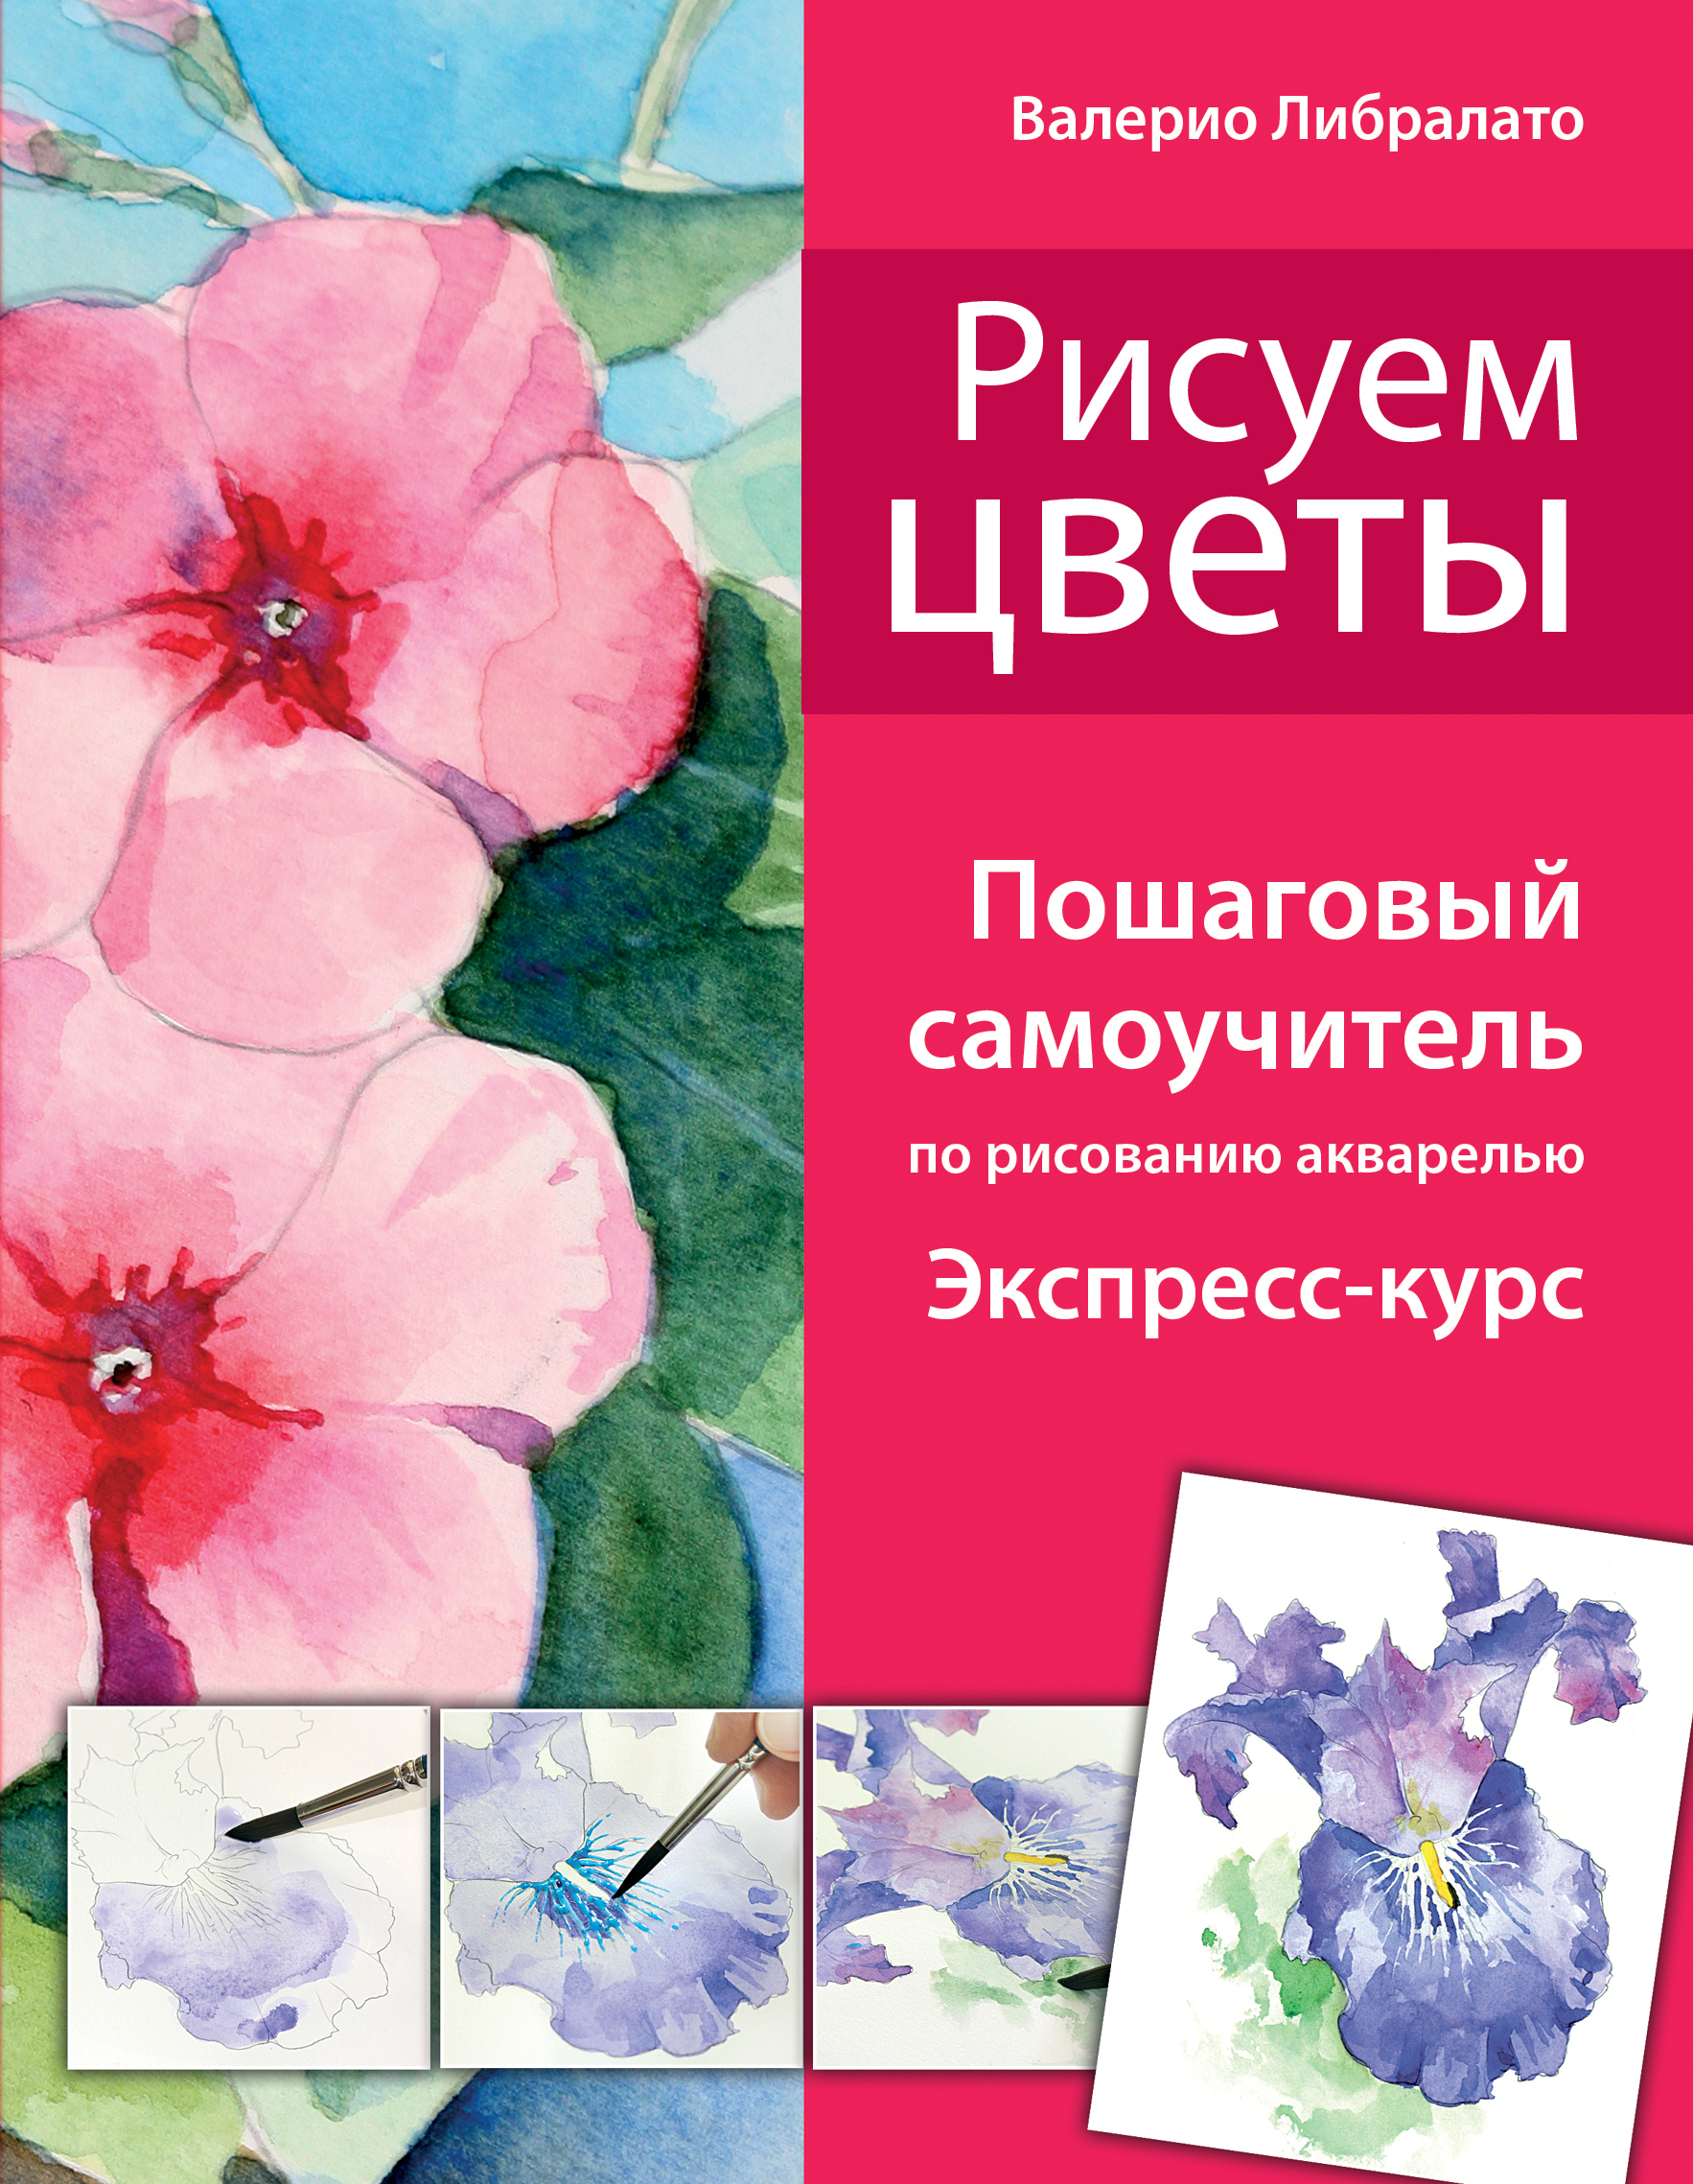 Рисуем цветы. Пошаговый самоучитель по рисованию акварелью (нов. оф.)